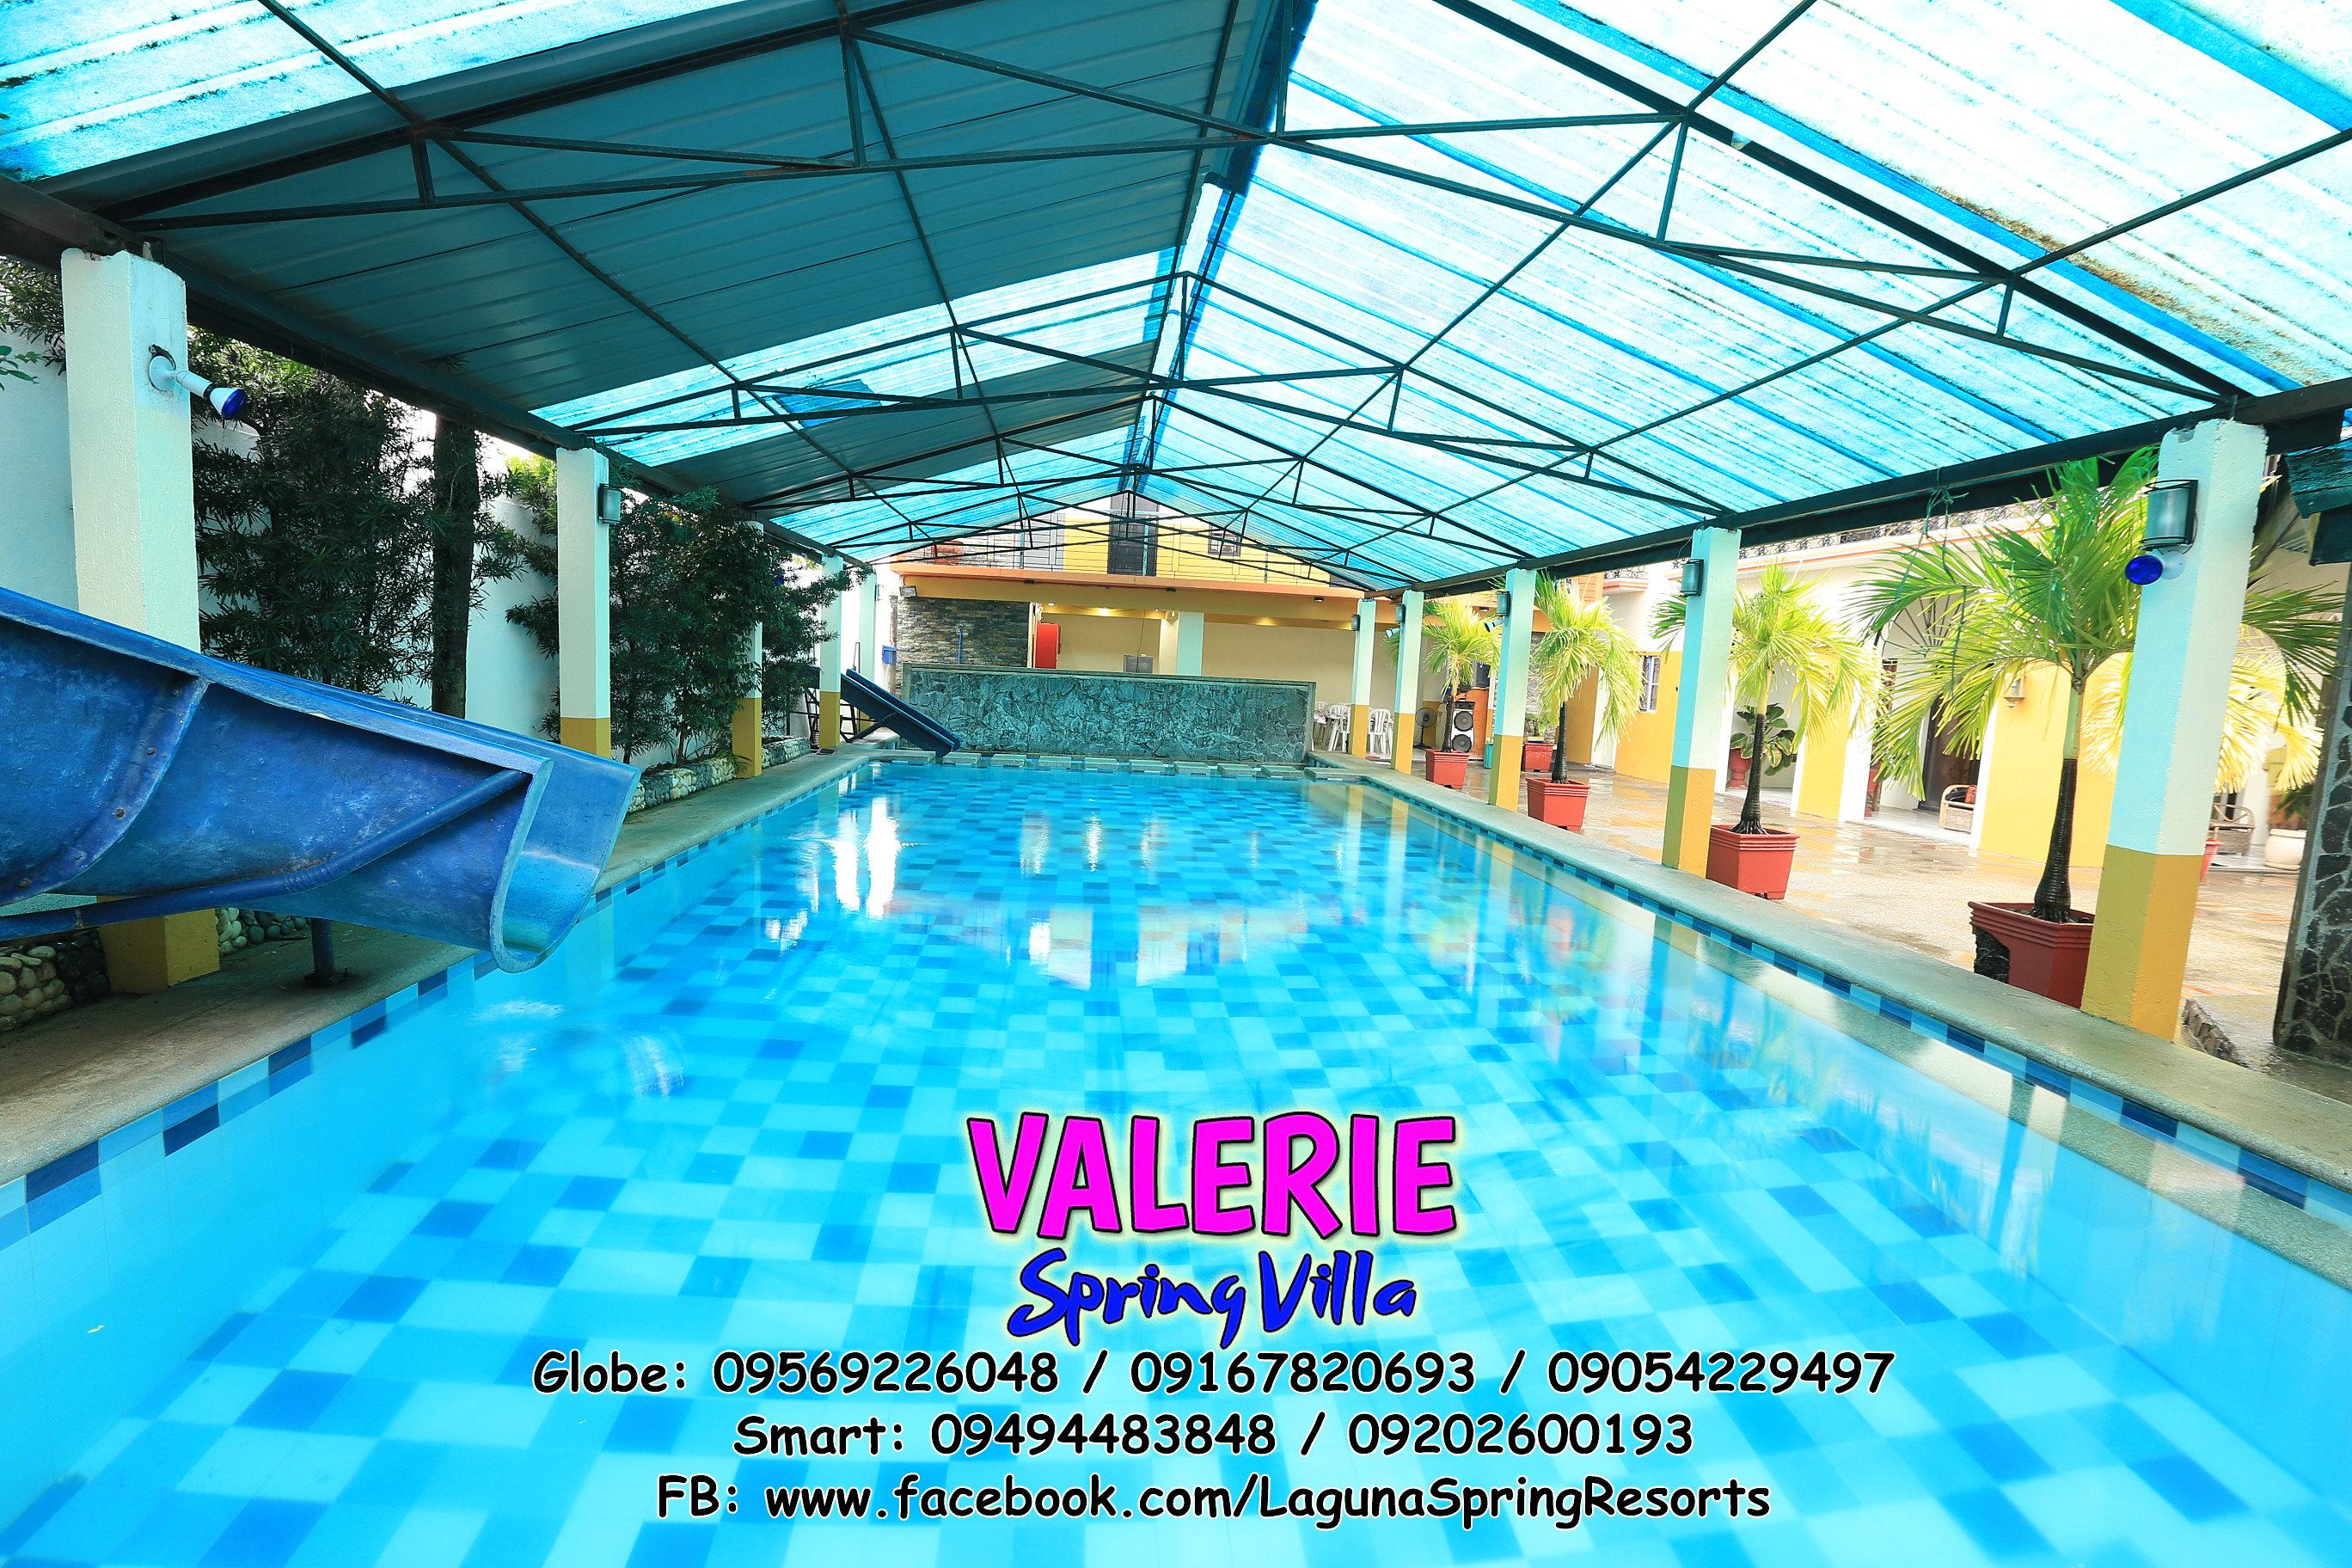 Laguna spring resorts pansol calamba private pool for Affordable private pools in laguna